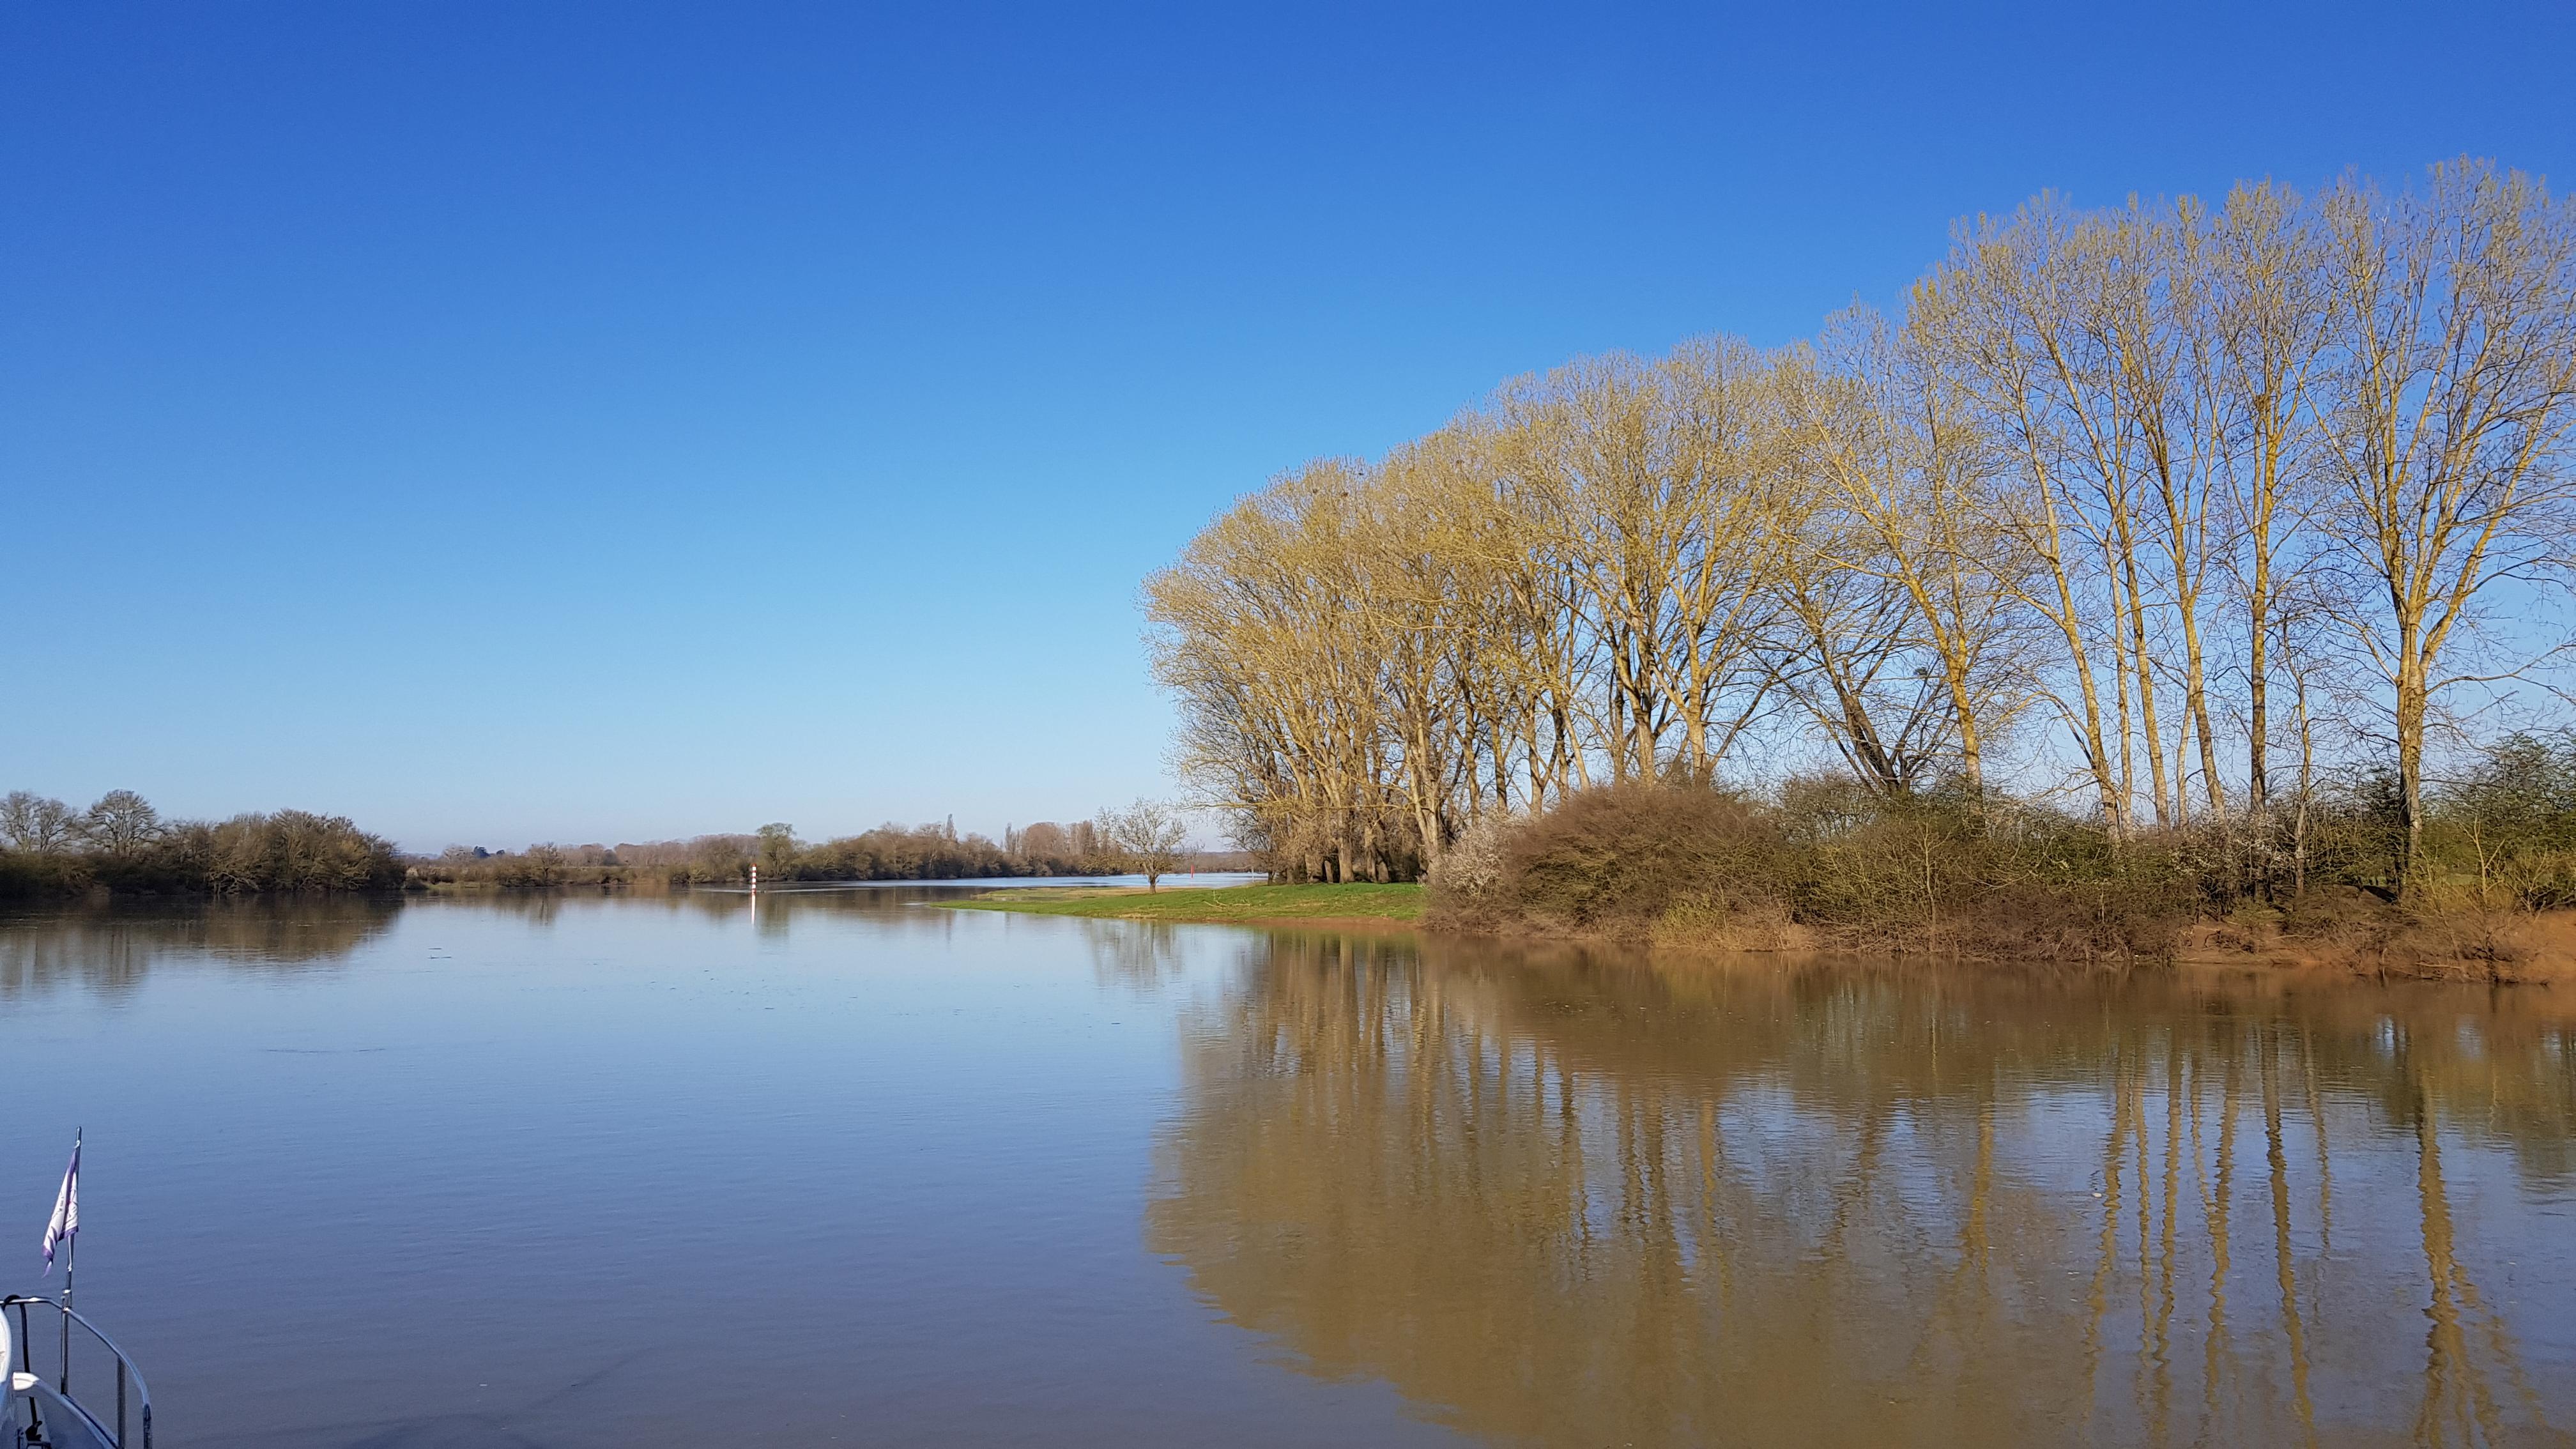 Die Saône und ihre überschwemmten Ufer. Oberhalb von Chalon noch spiegelglatter Fluss und dünn besiedelt